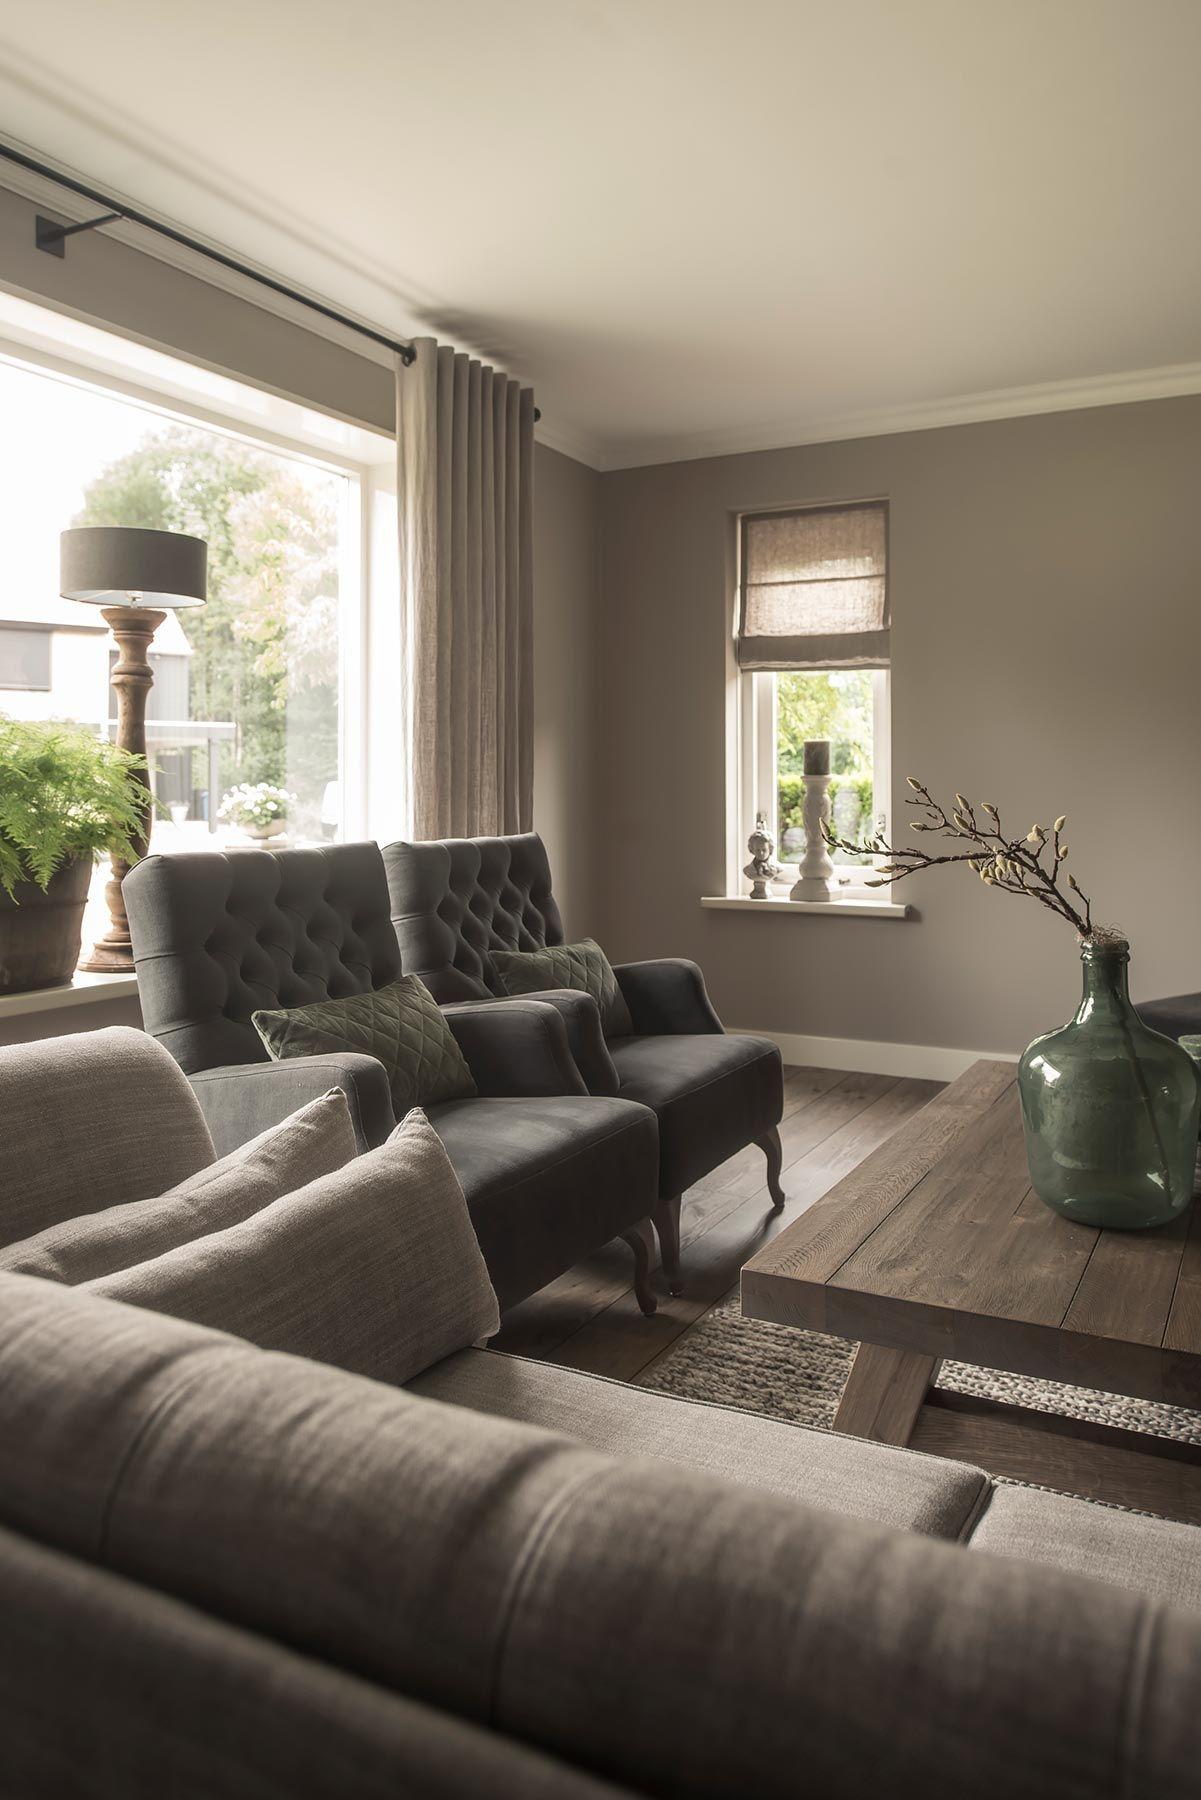 landelijke fauteuils gecapitonneerd - Home stuff | Pinterest ...